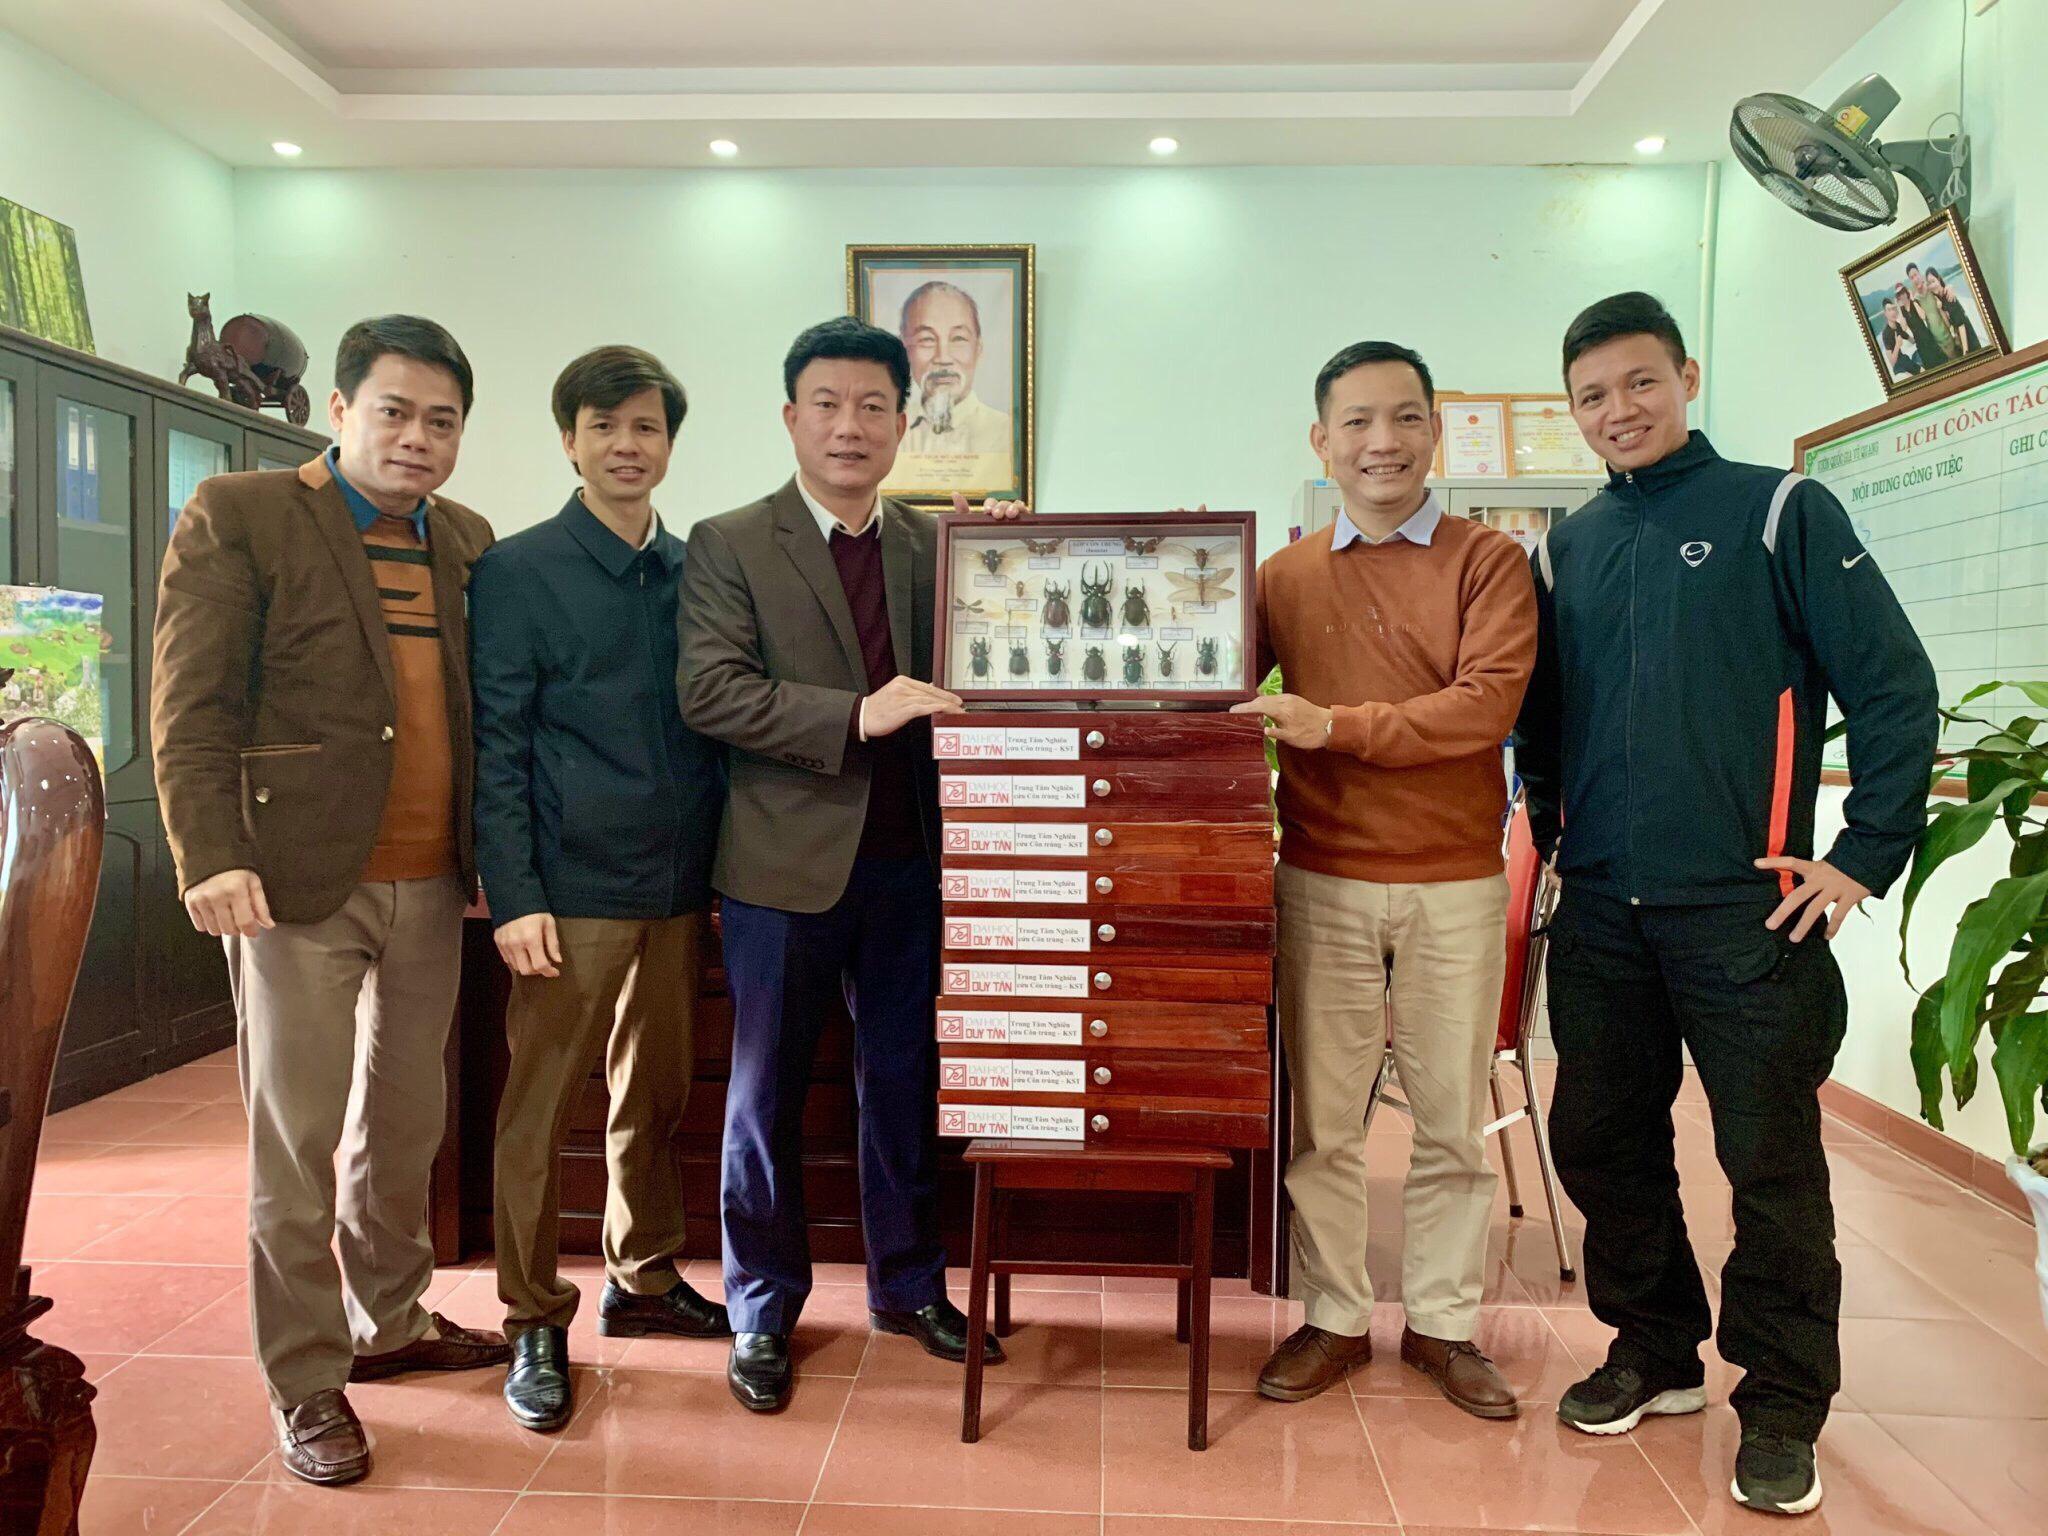 Cán bộ nghiên cứu Trường Đại học Duy Tân tặng bộ mẫu vật côn trùng cho Vườn Quốc gia Vũ Quang